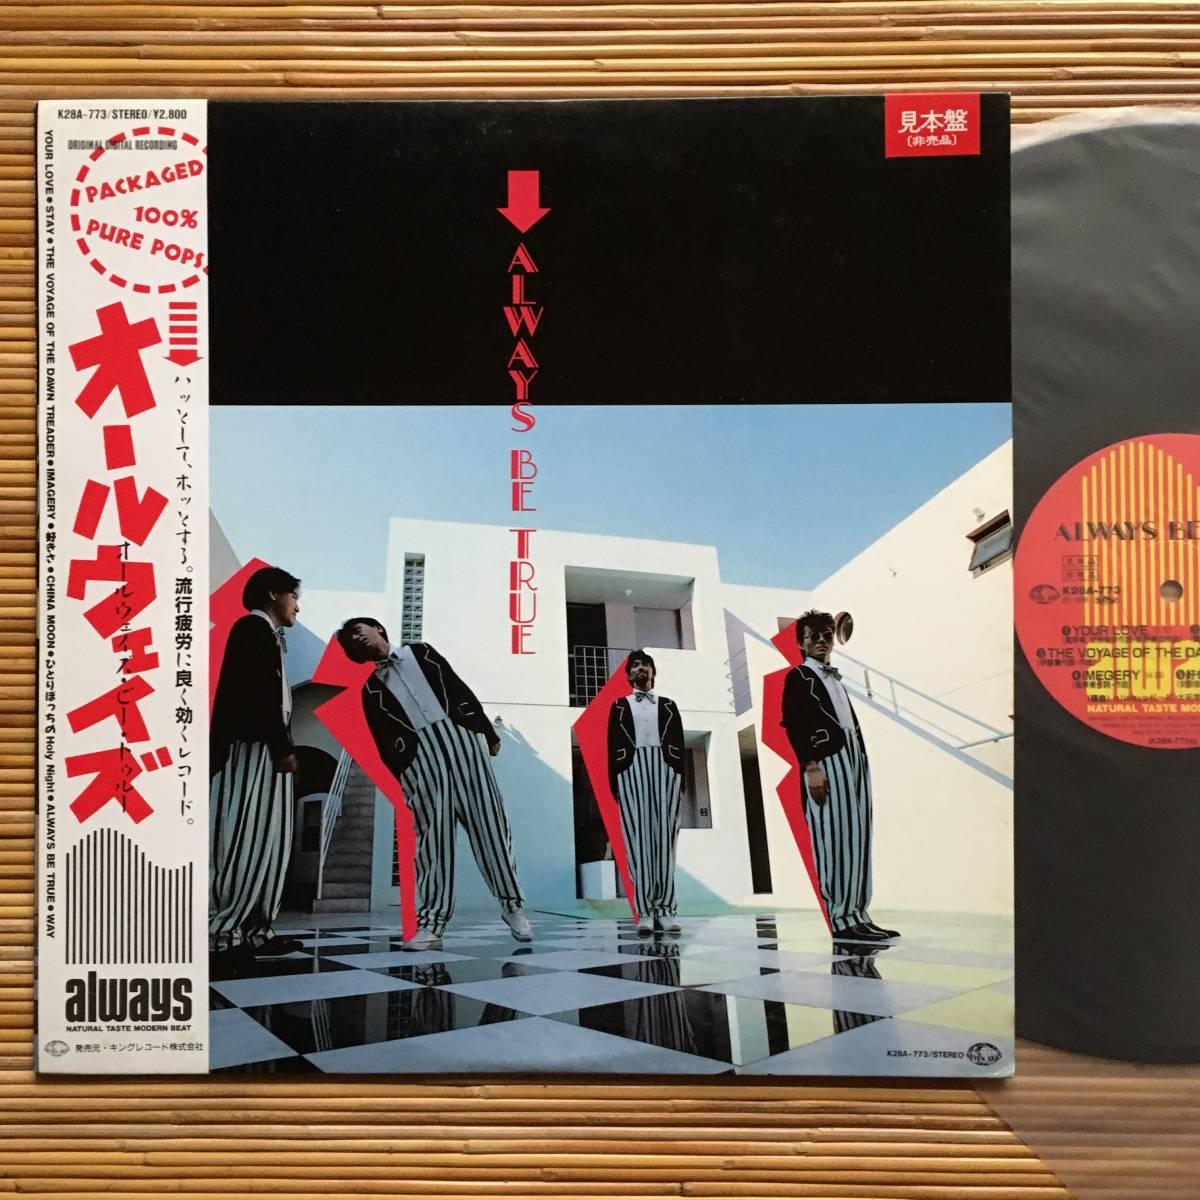 《見本盤・良盤》オールウェイズ『オールウェイズ・ビー・トゥルー』LP~チューリップ/ALWAYS/にほ_画像1